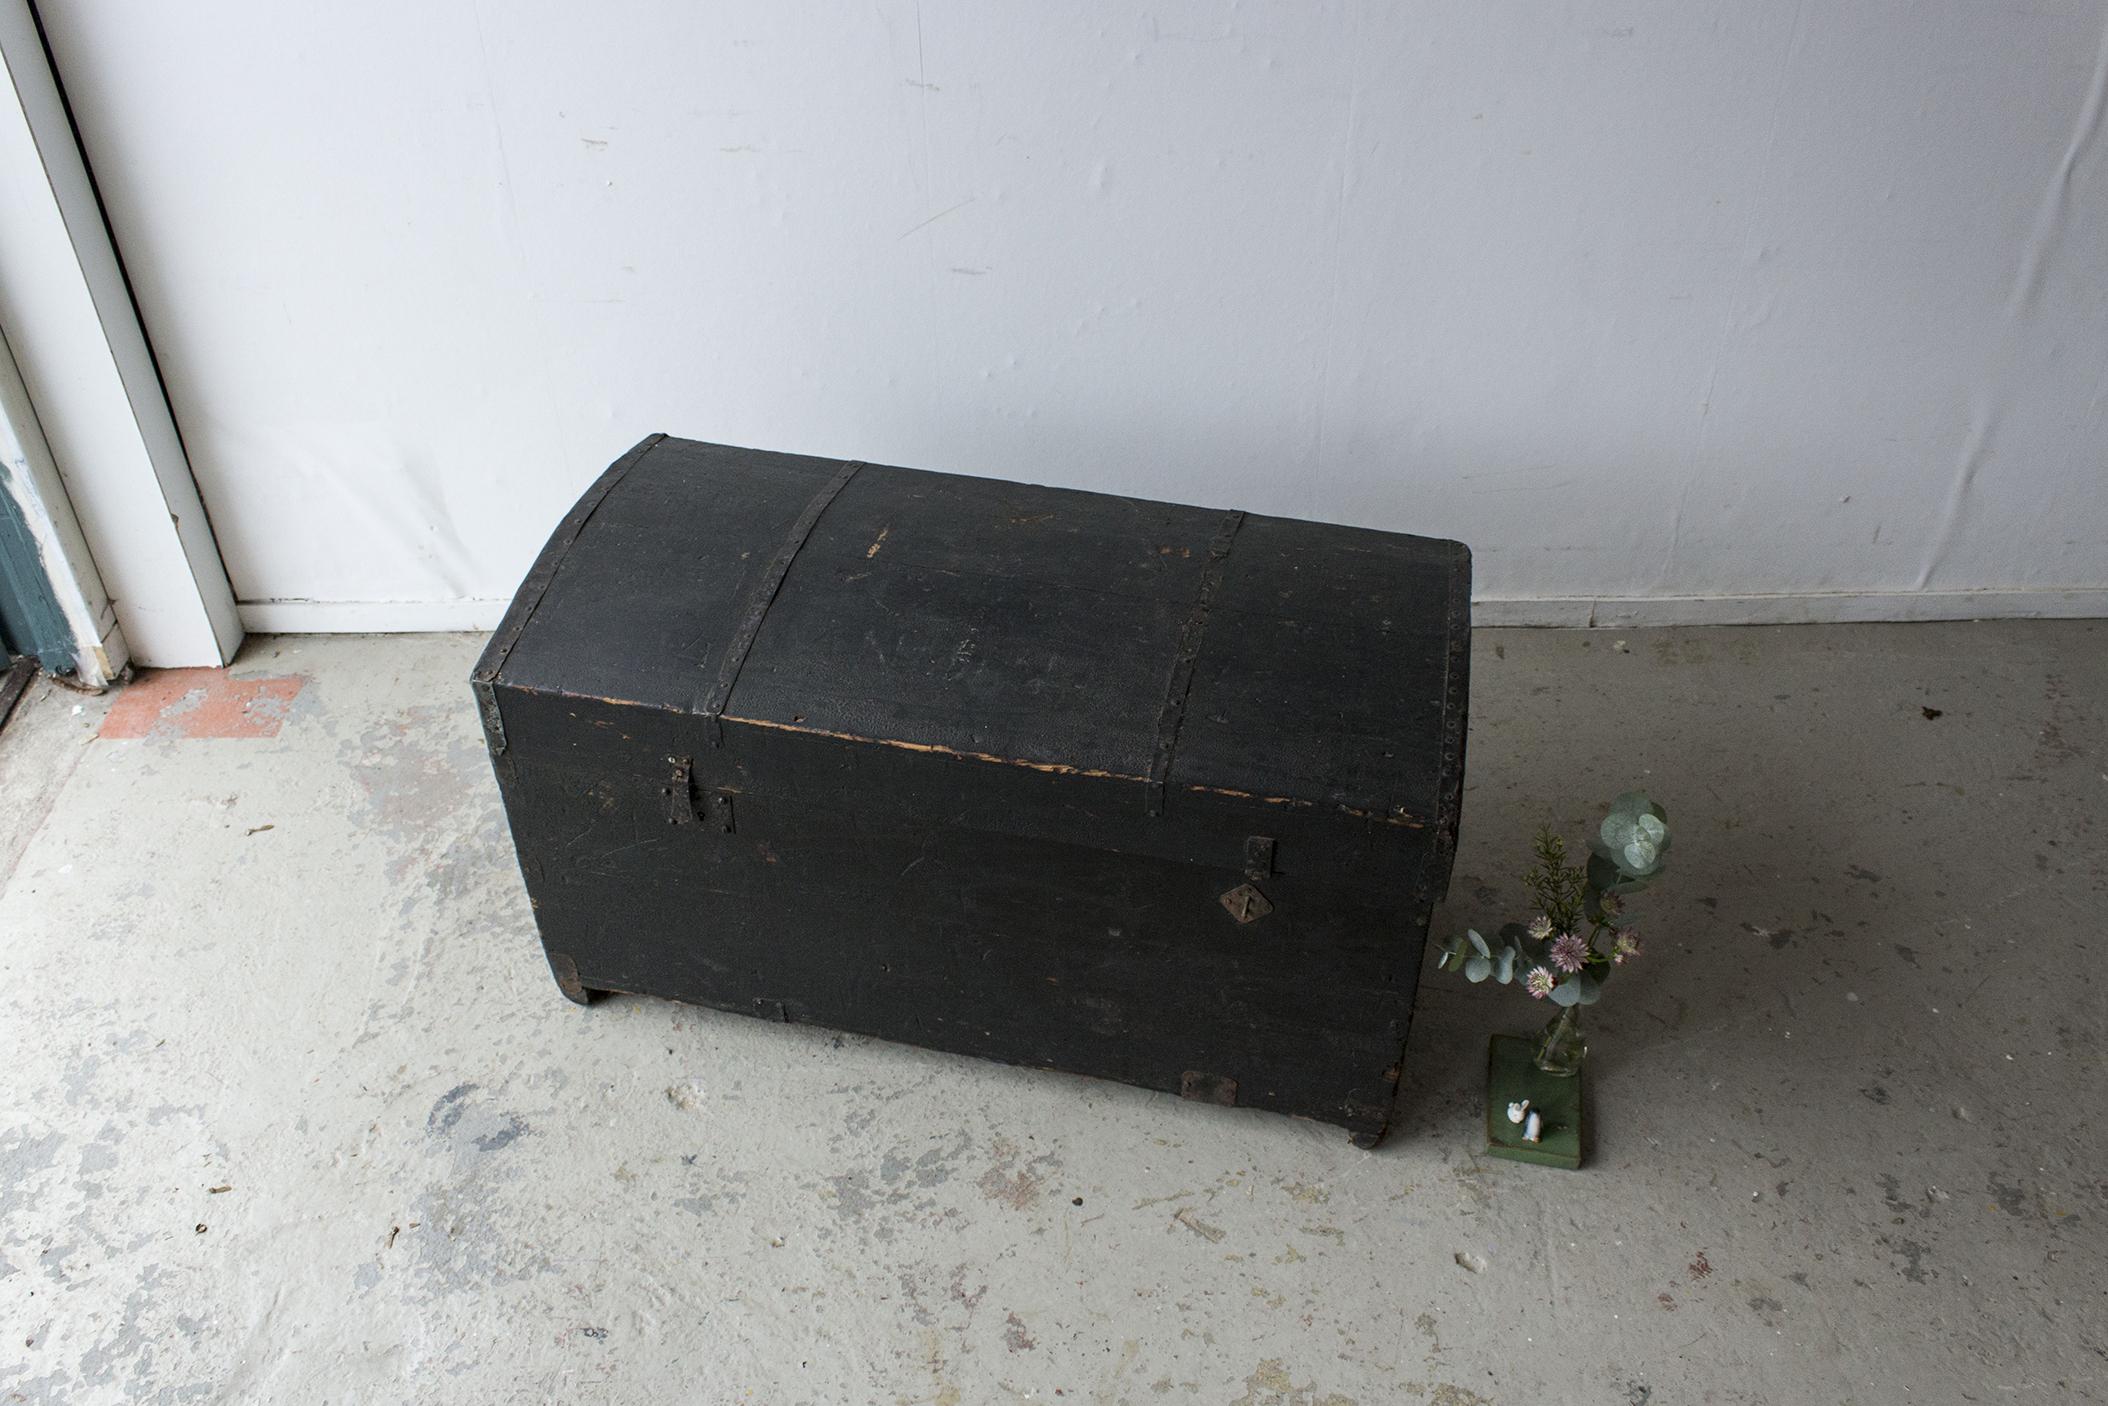 5044 - Zwarte vintage kist met bolle deksel - Firma zoethout_4.jpg